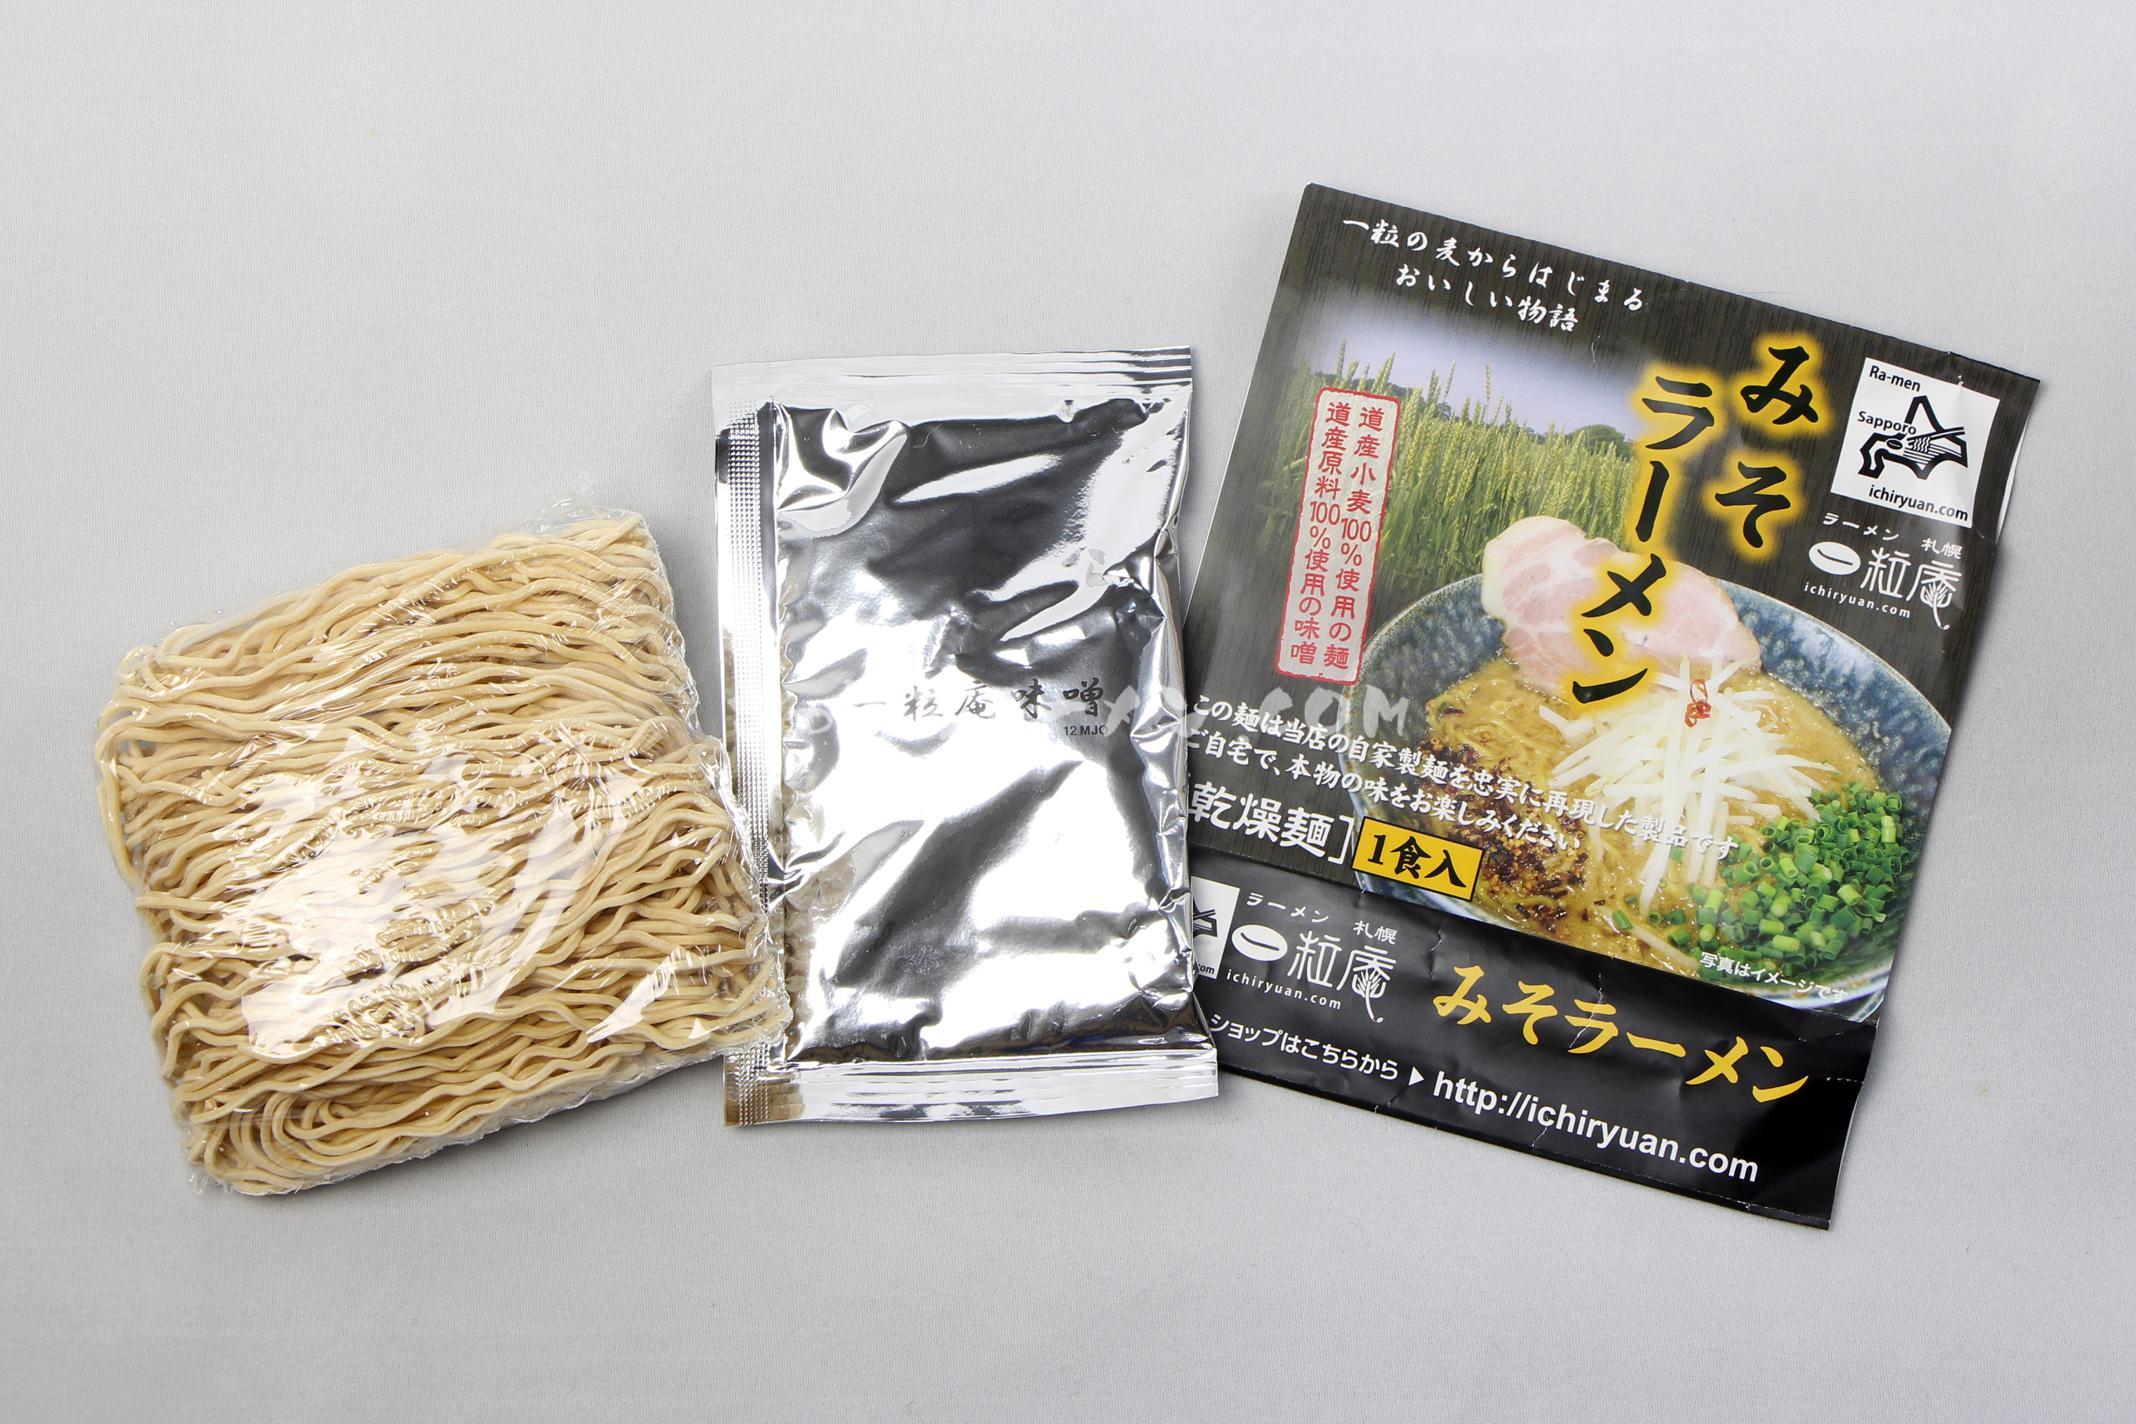 「ラーメン札幌一粒庵 みそラーメン」(グラシアス有限会社)の麺とスープ